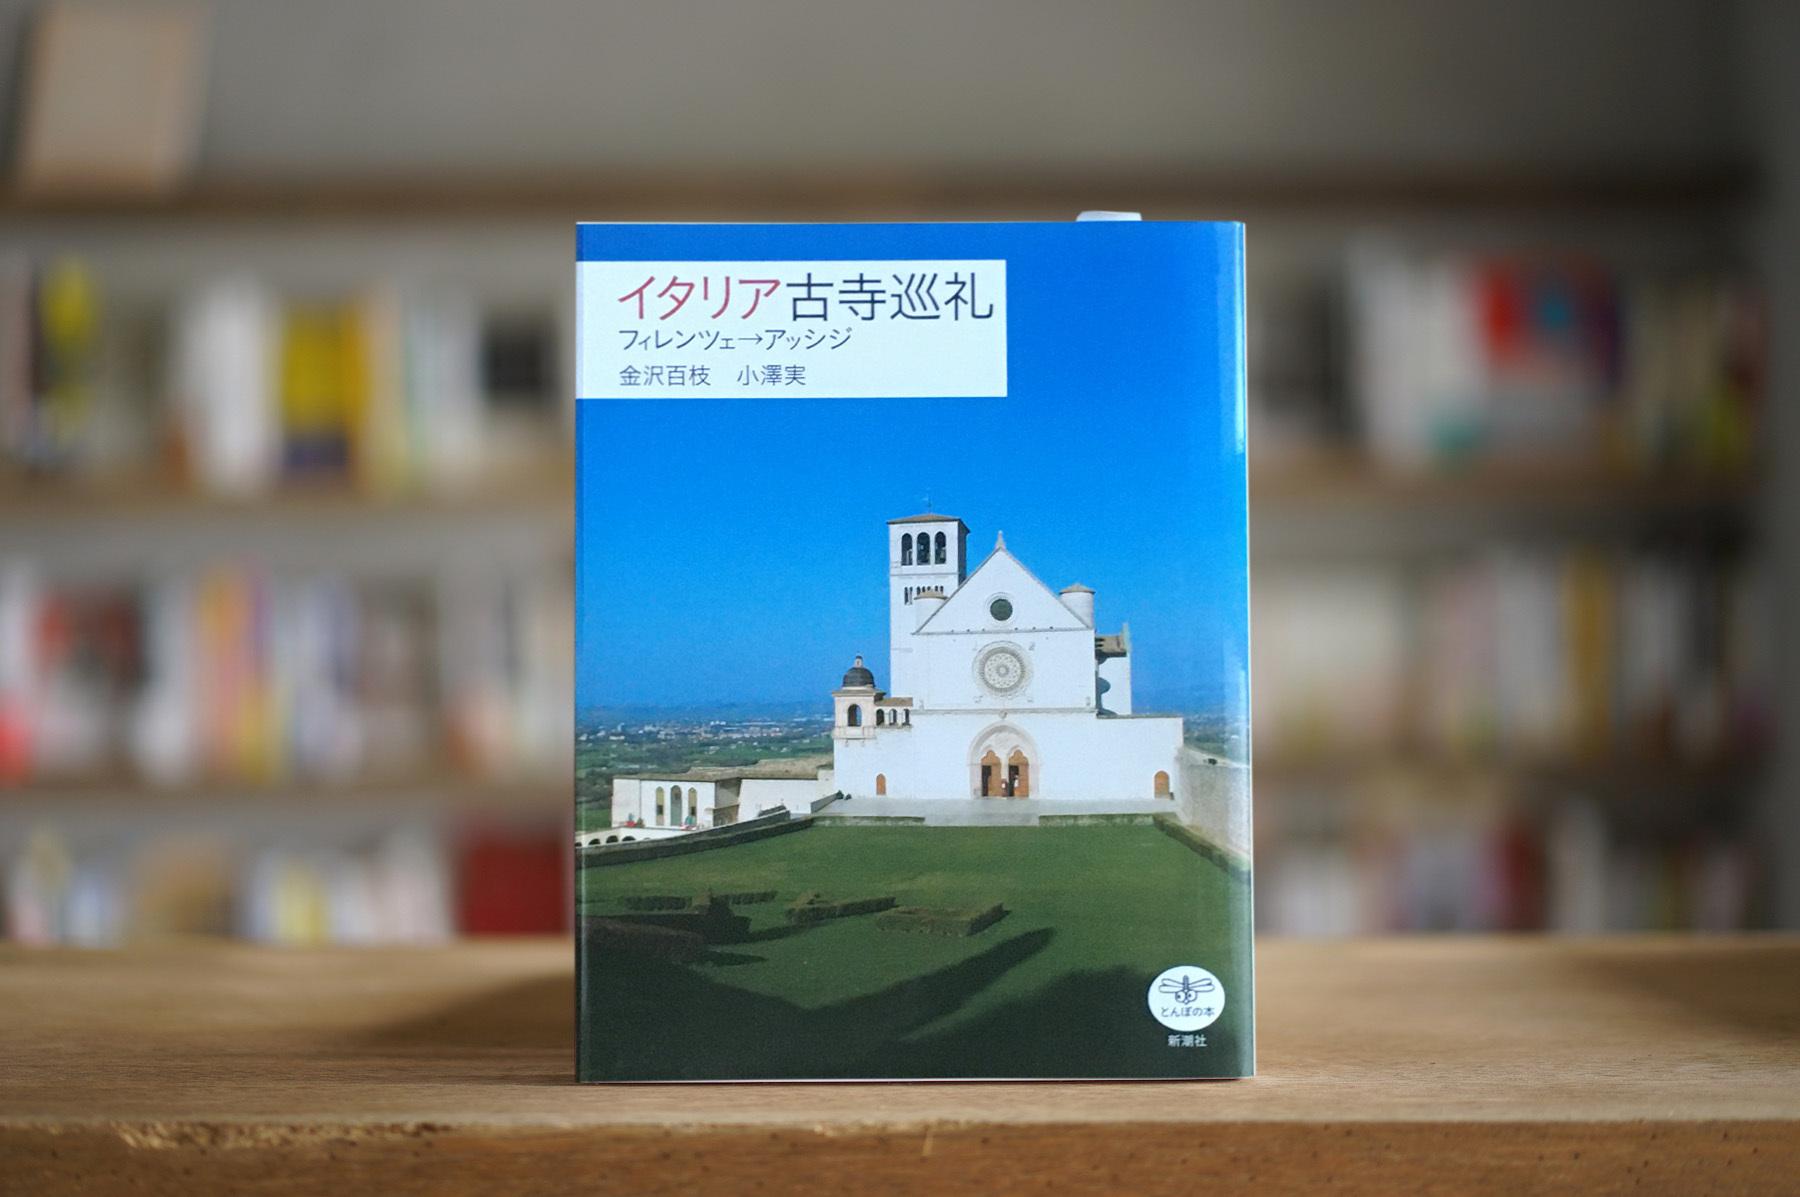 金沢百枝、小澤実 『イタリア古寺巡礼 フィレンツェ→アッシジ』 (新潮社、2011)